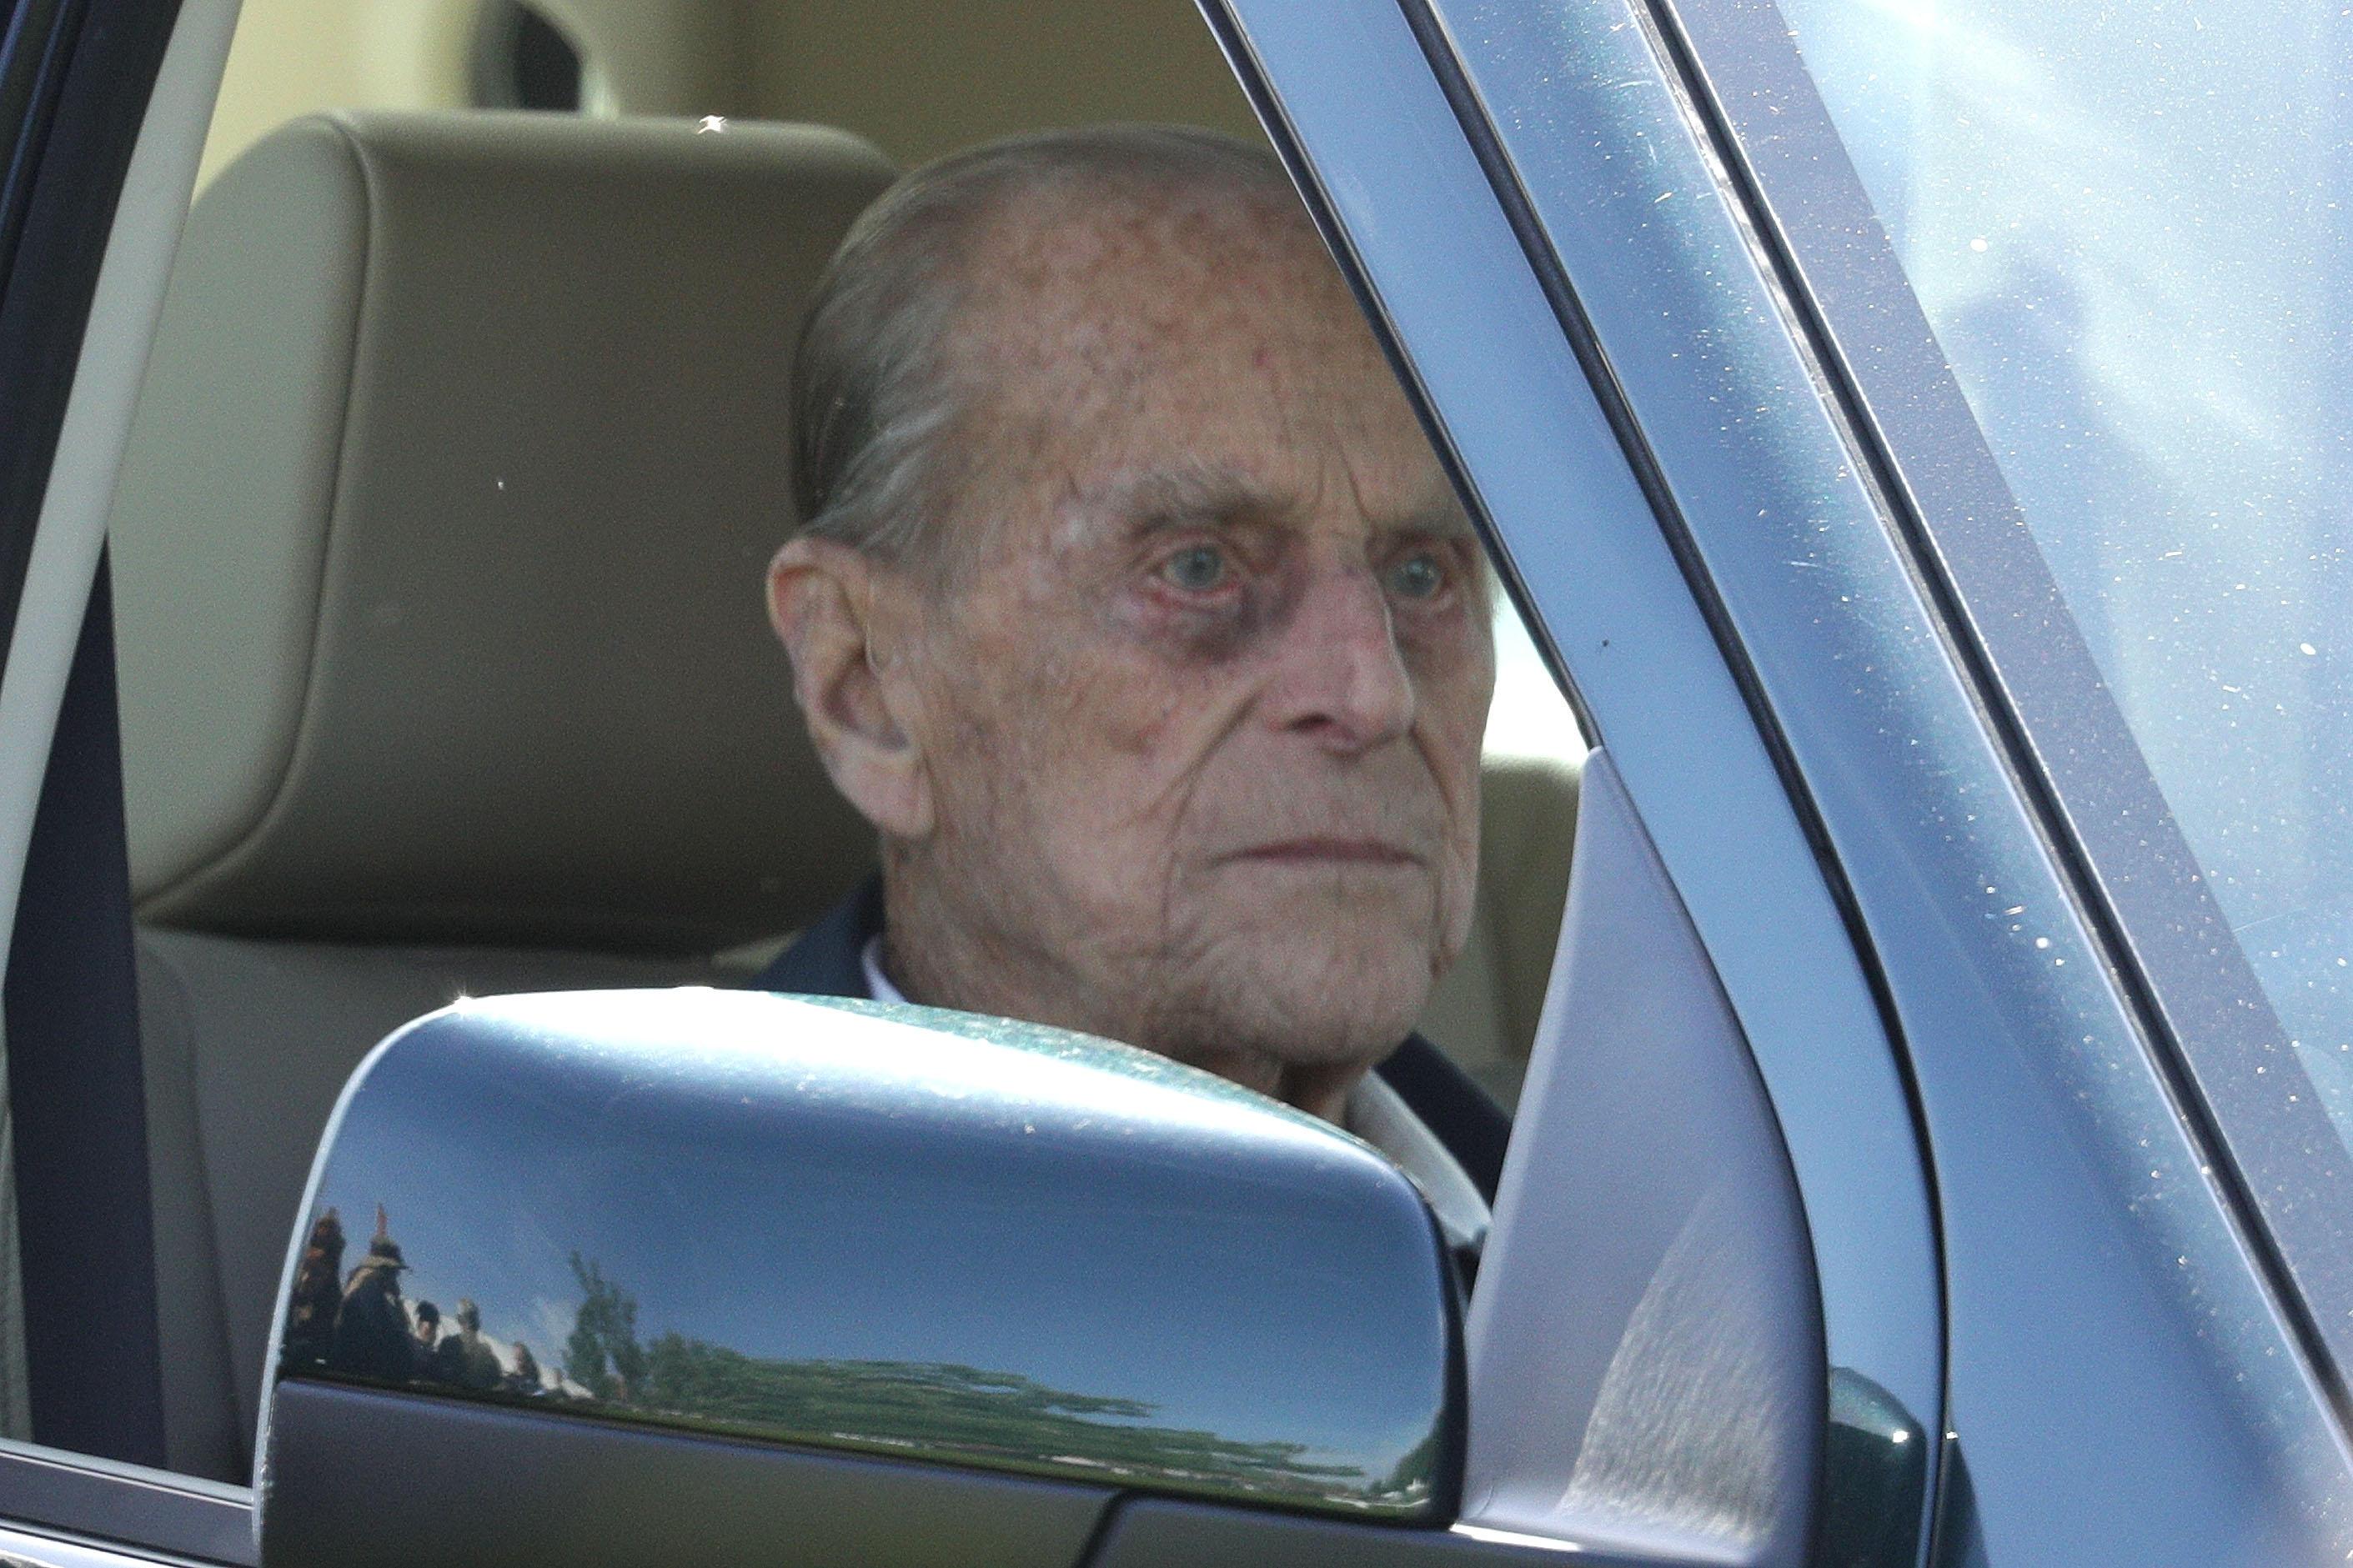 Prinz-Philip-Der-Ehemann-der-Queen-hatte-einen-Autounfall